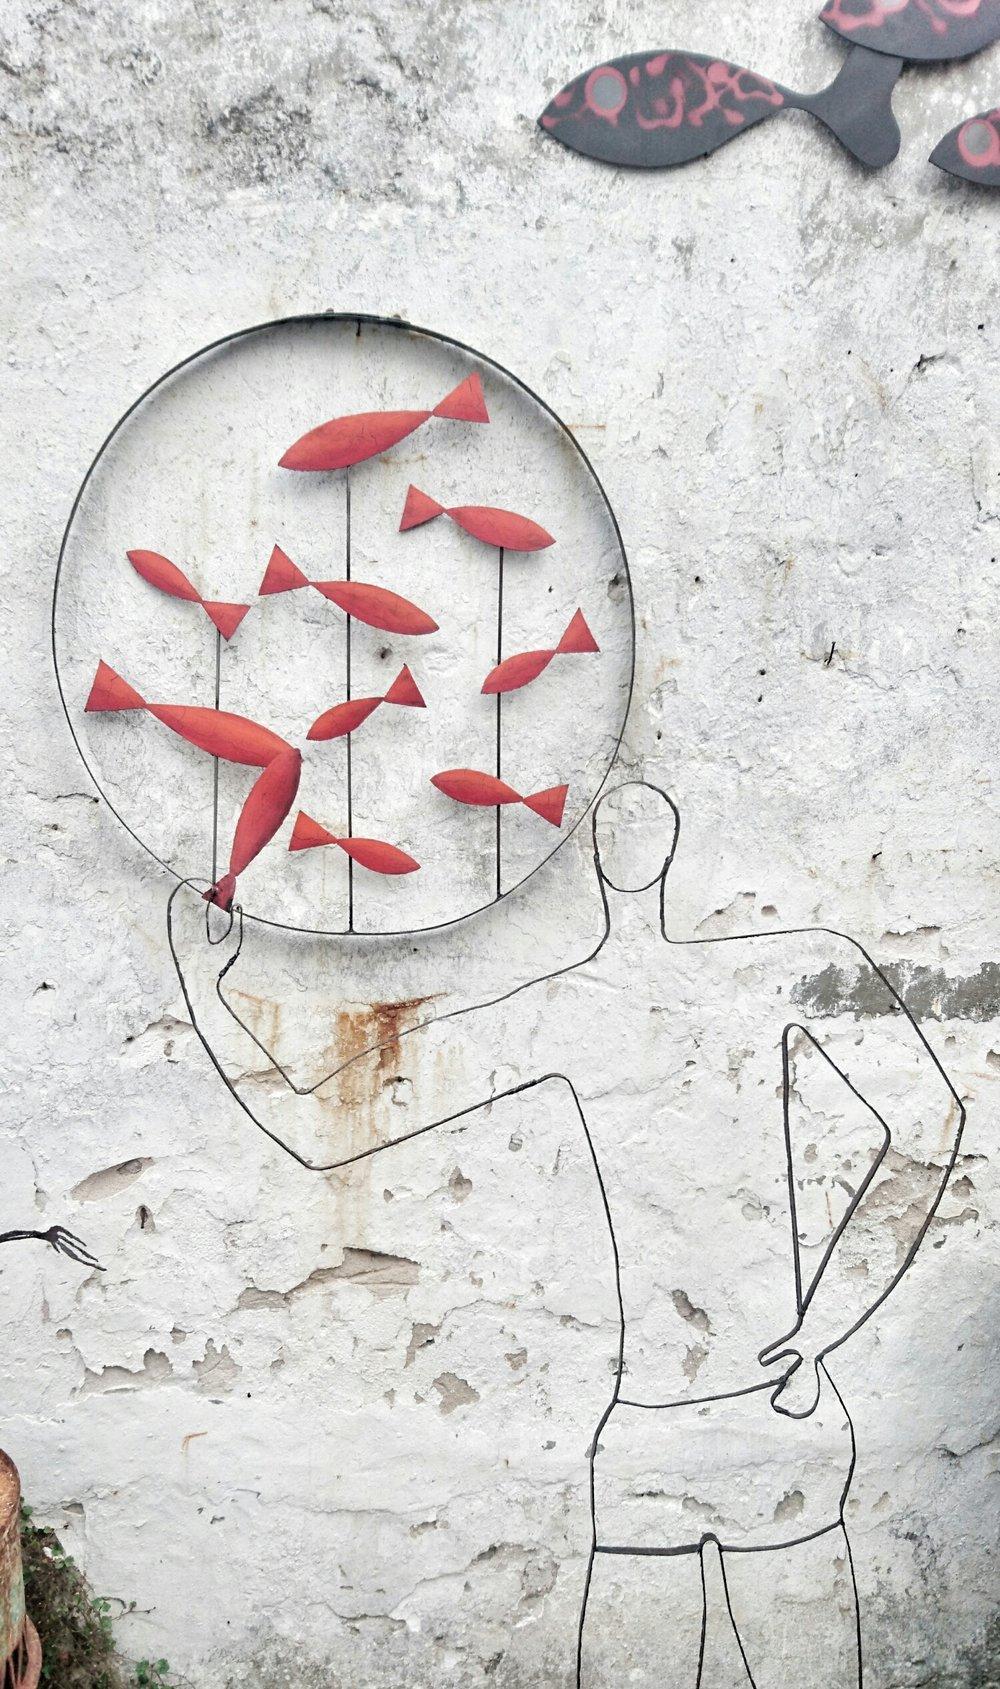 un lanceur de poisson rouge.